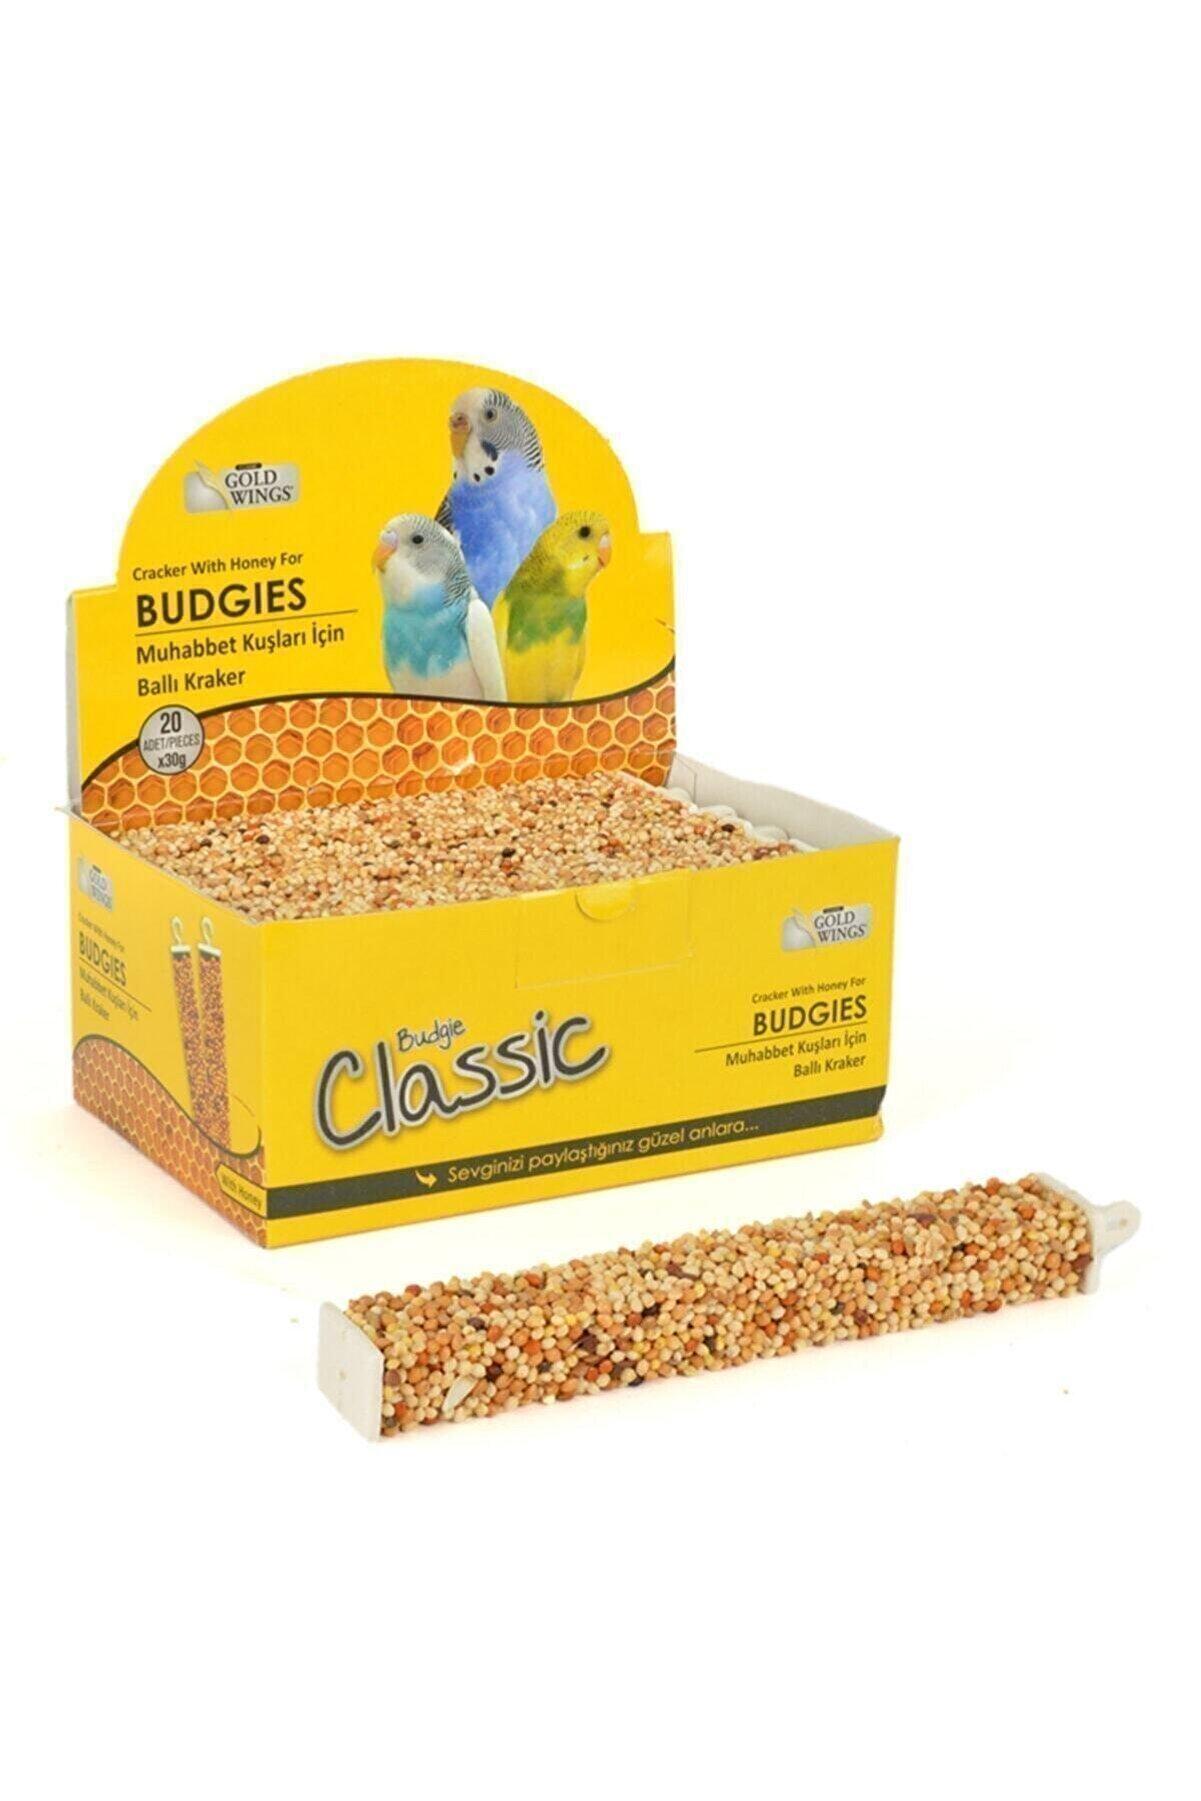 Gold Wings Muhabbet Kuşları Için Ballı Tava Kuş Krakeri Kutuda 20 Adet Kraker